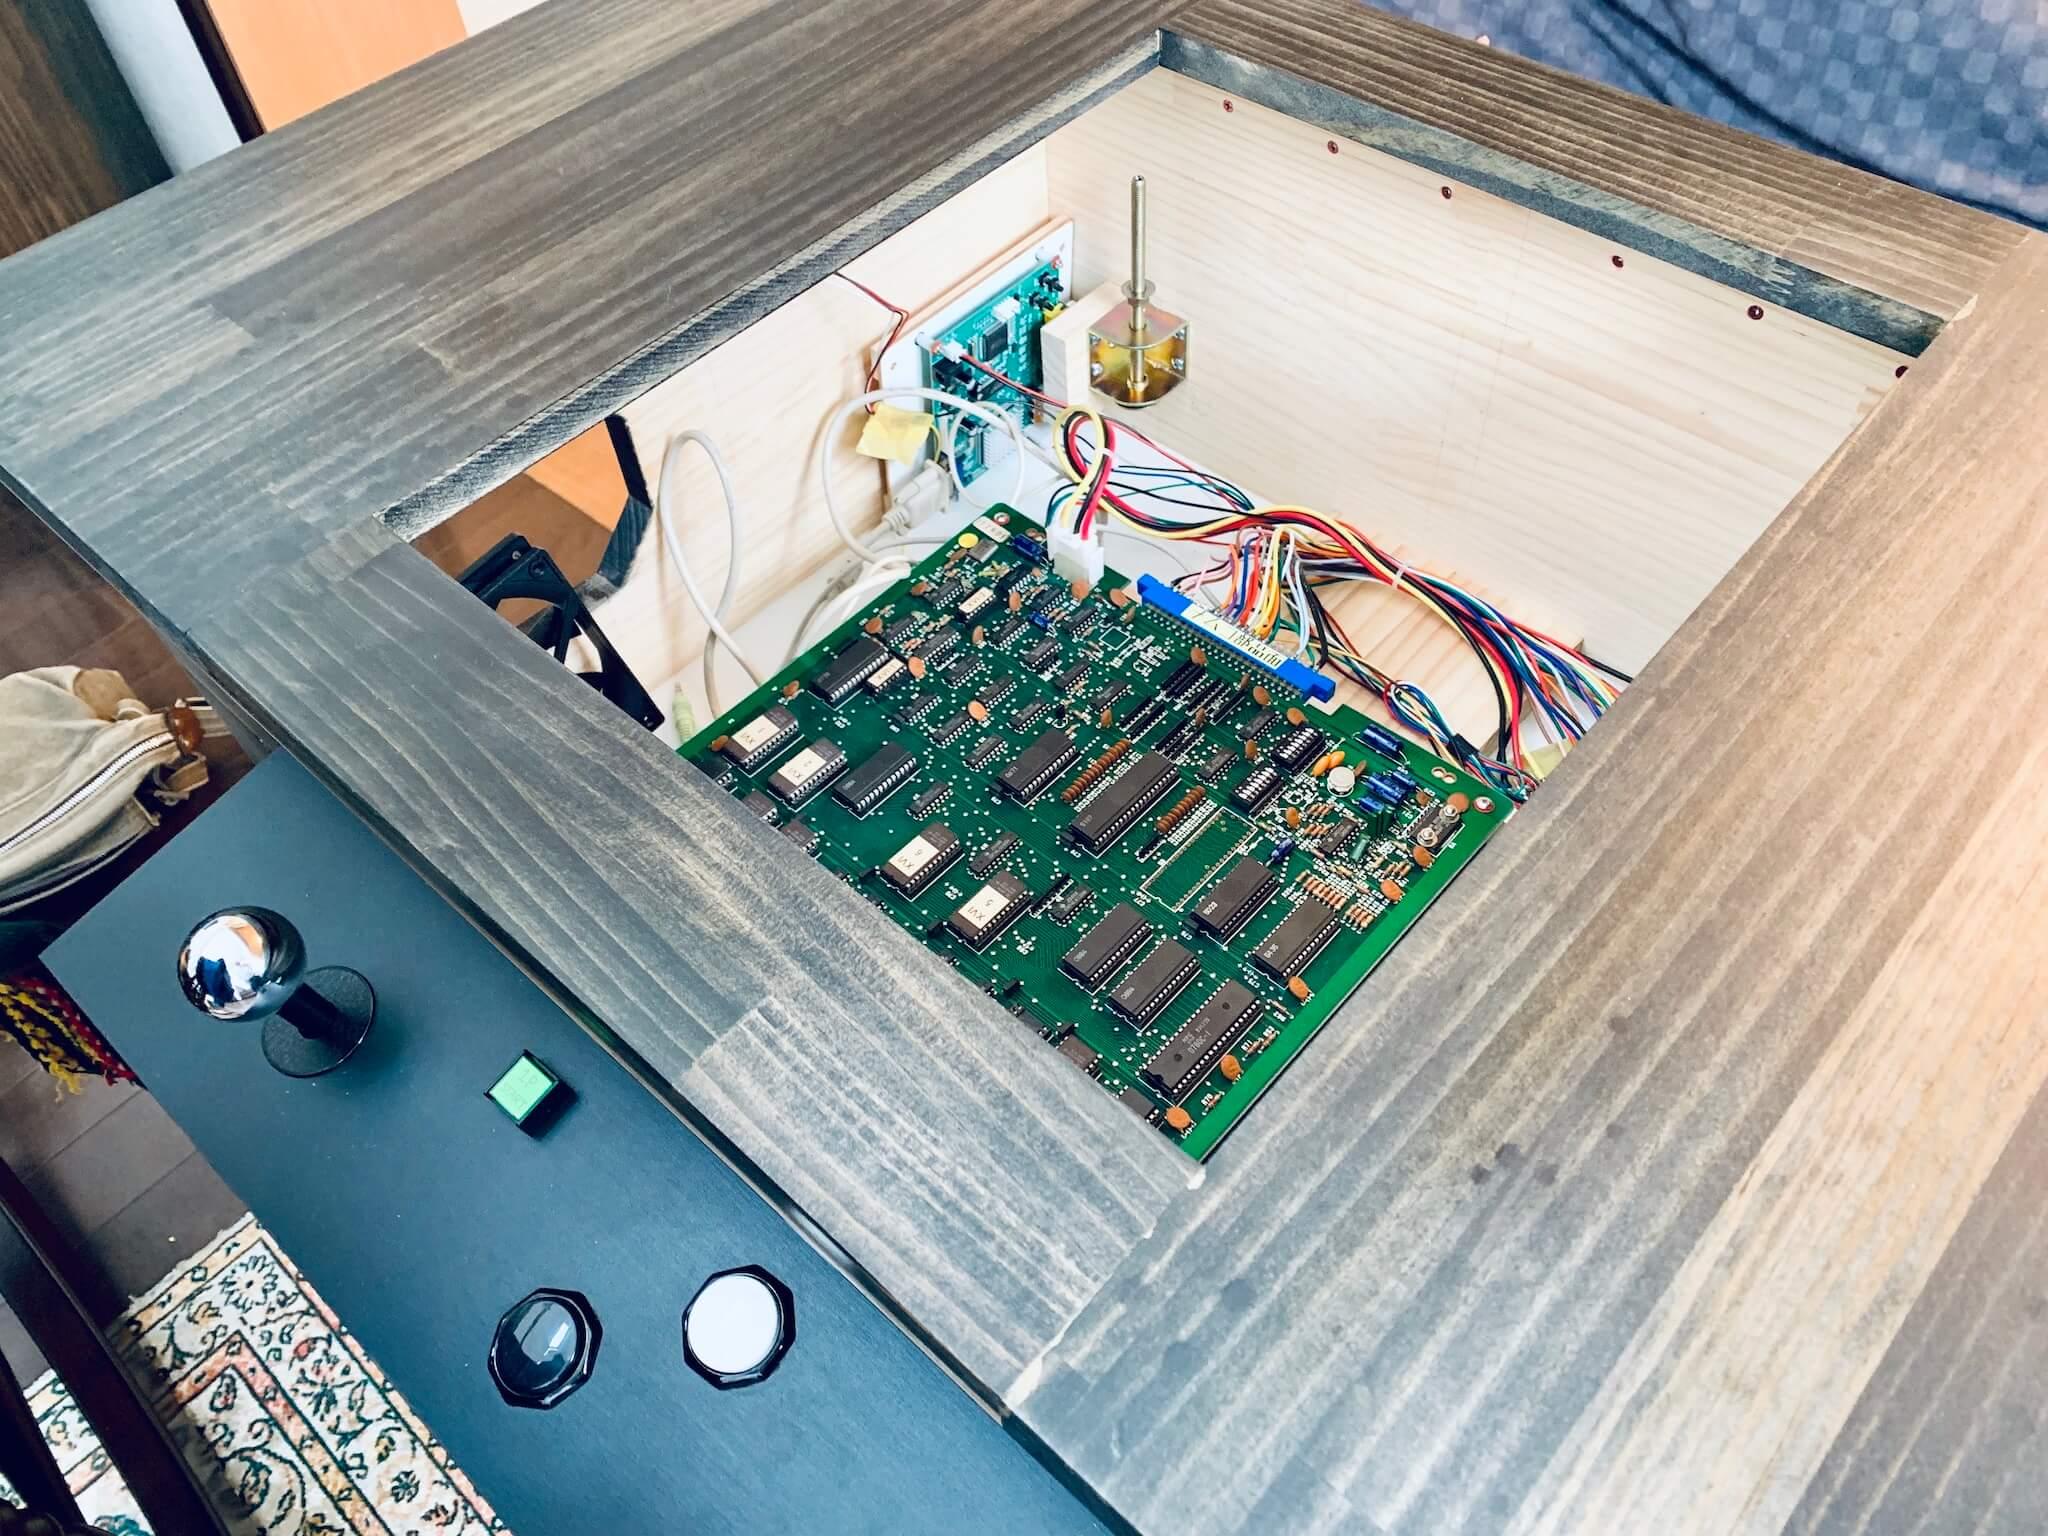 30日目:Xevious筐体を作って展示した